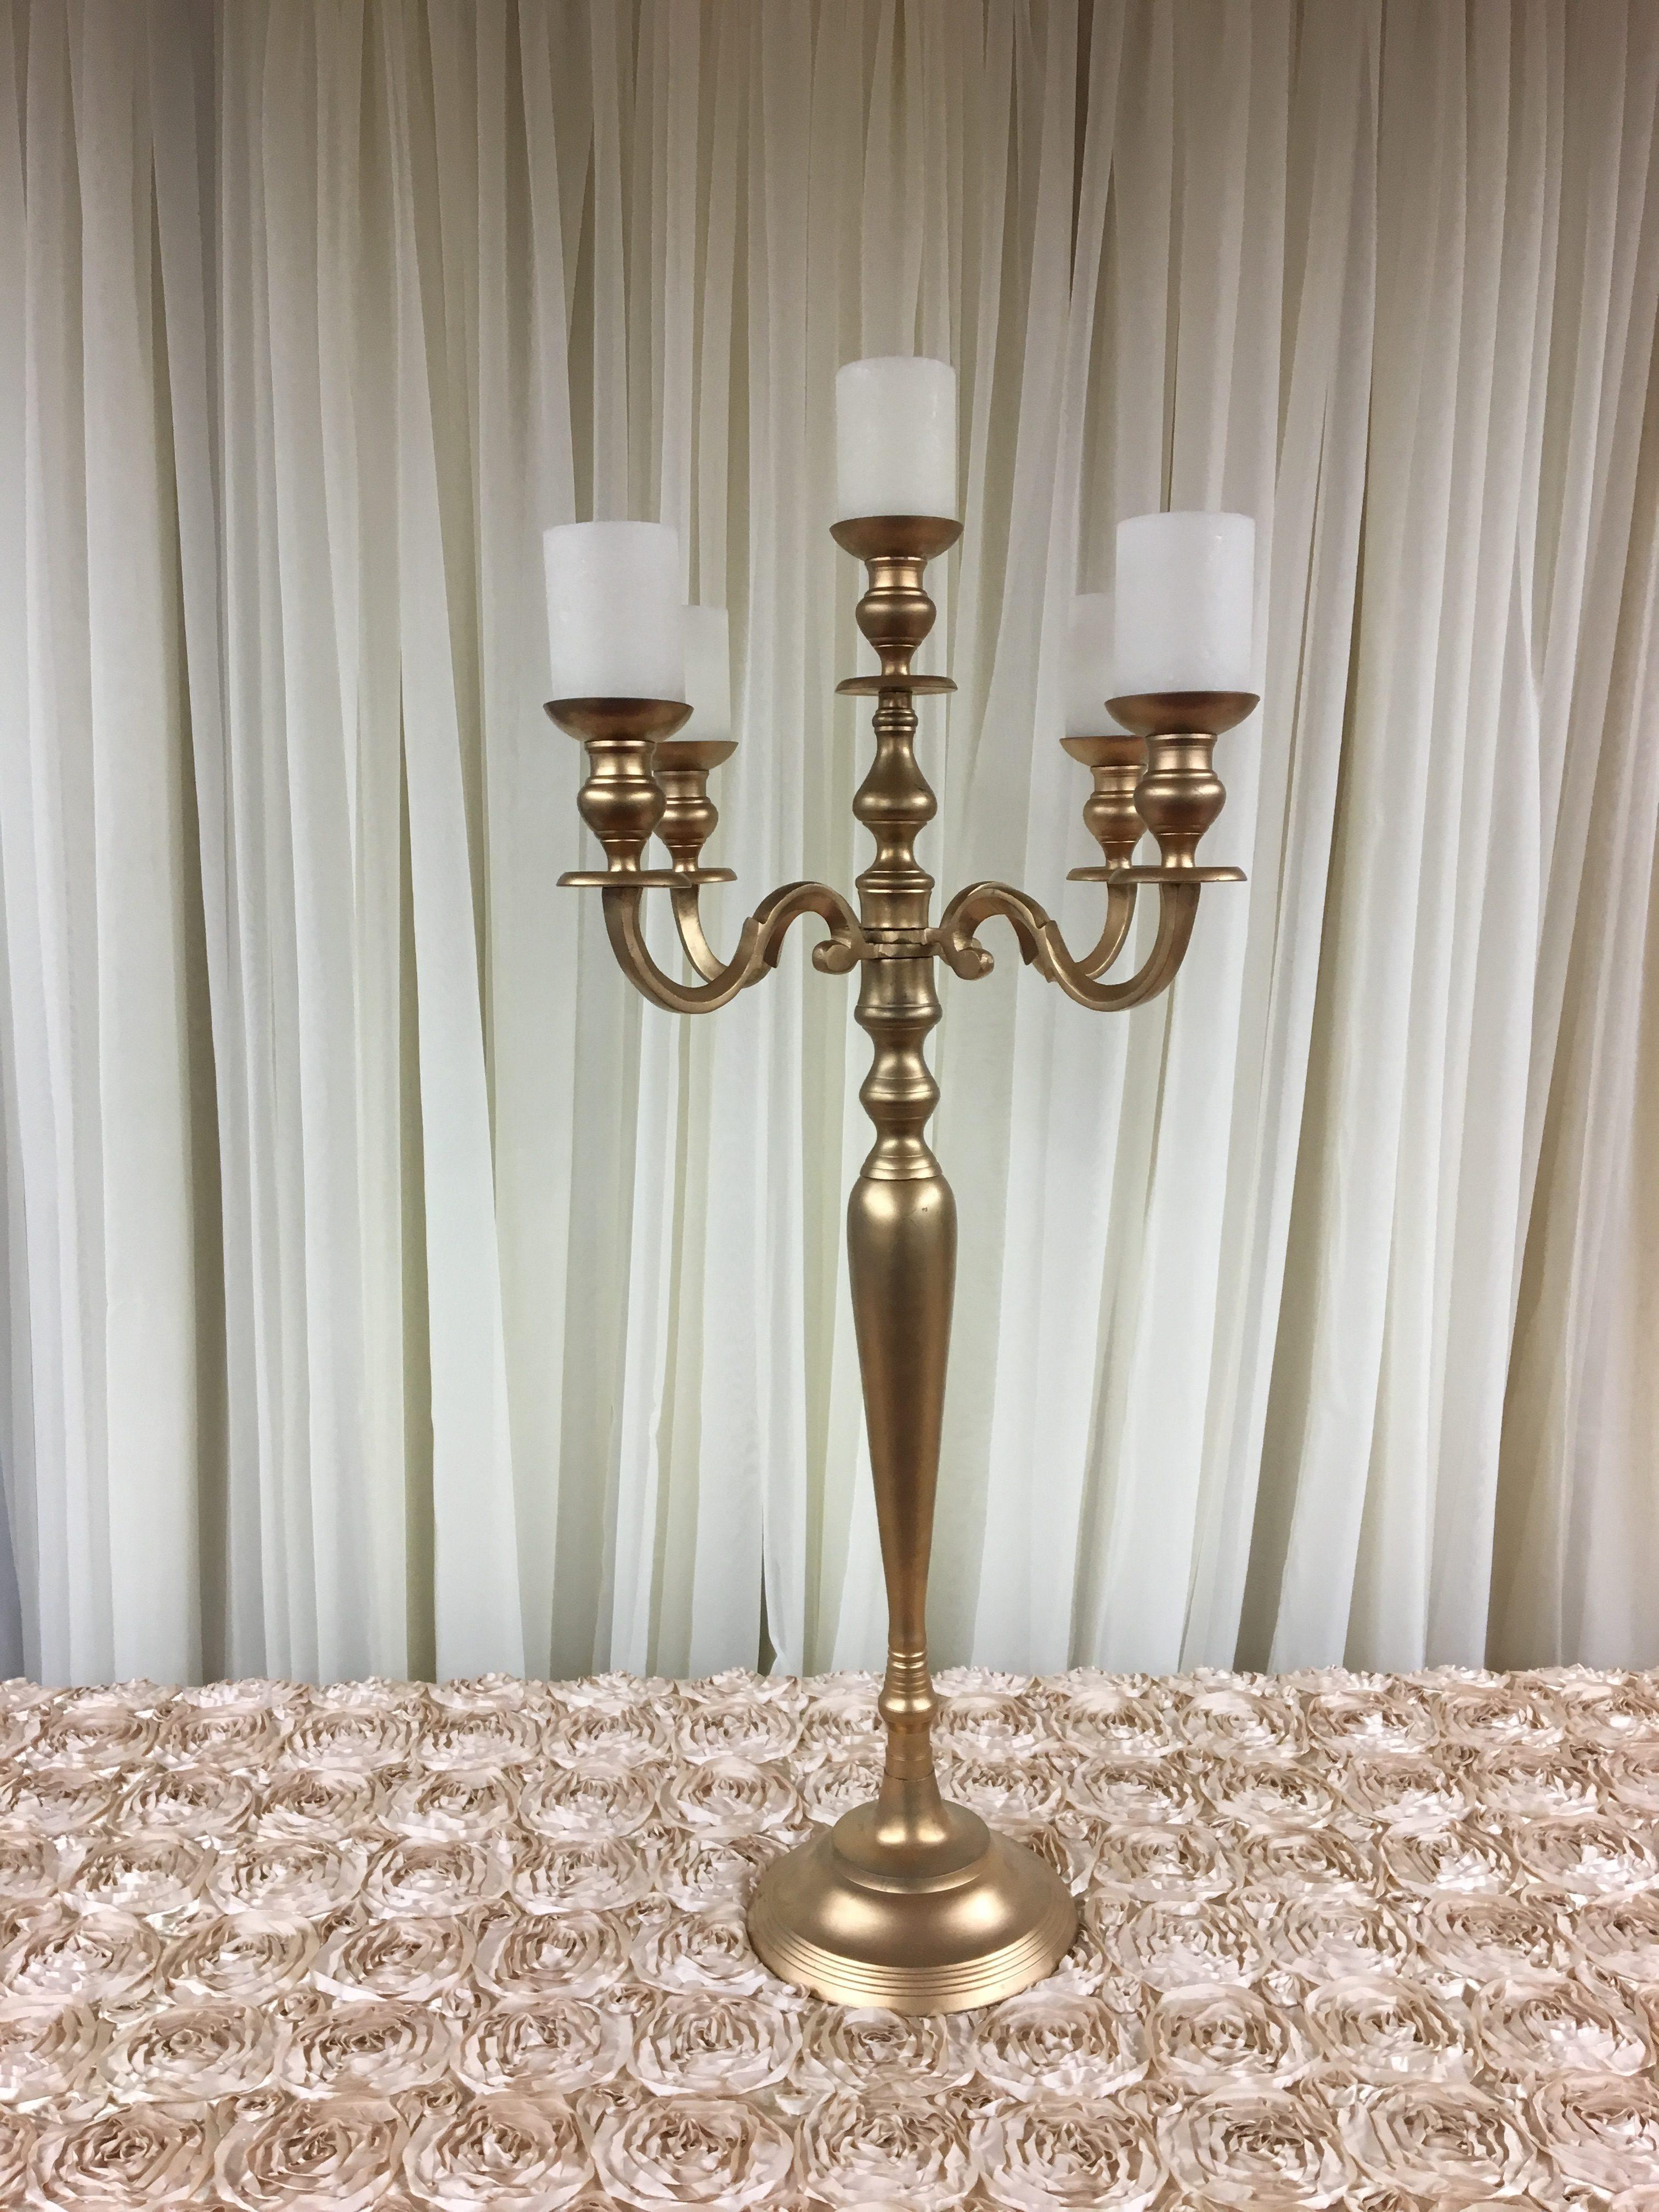 Gold Tabletop Candelabra Image